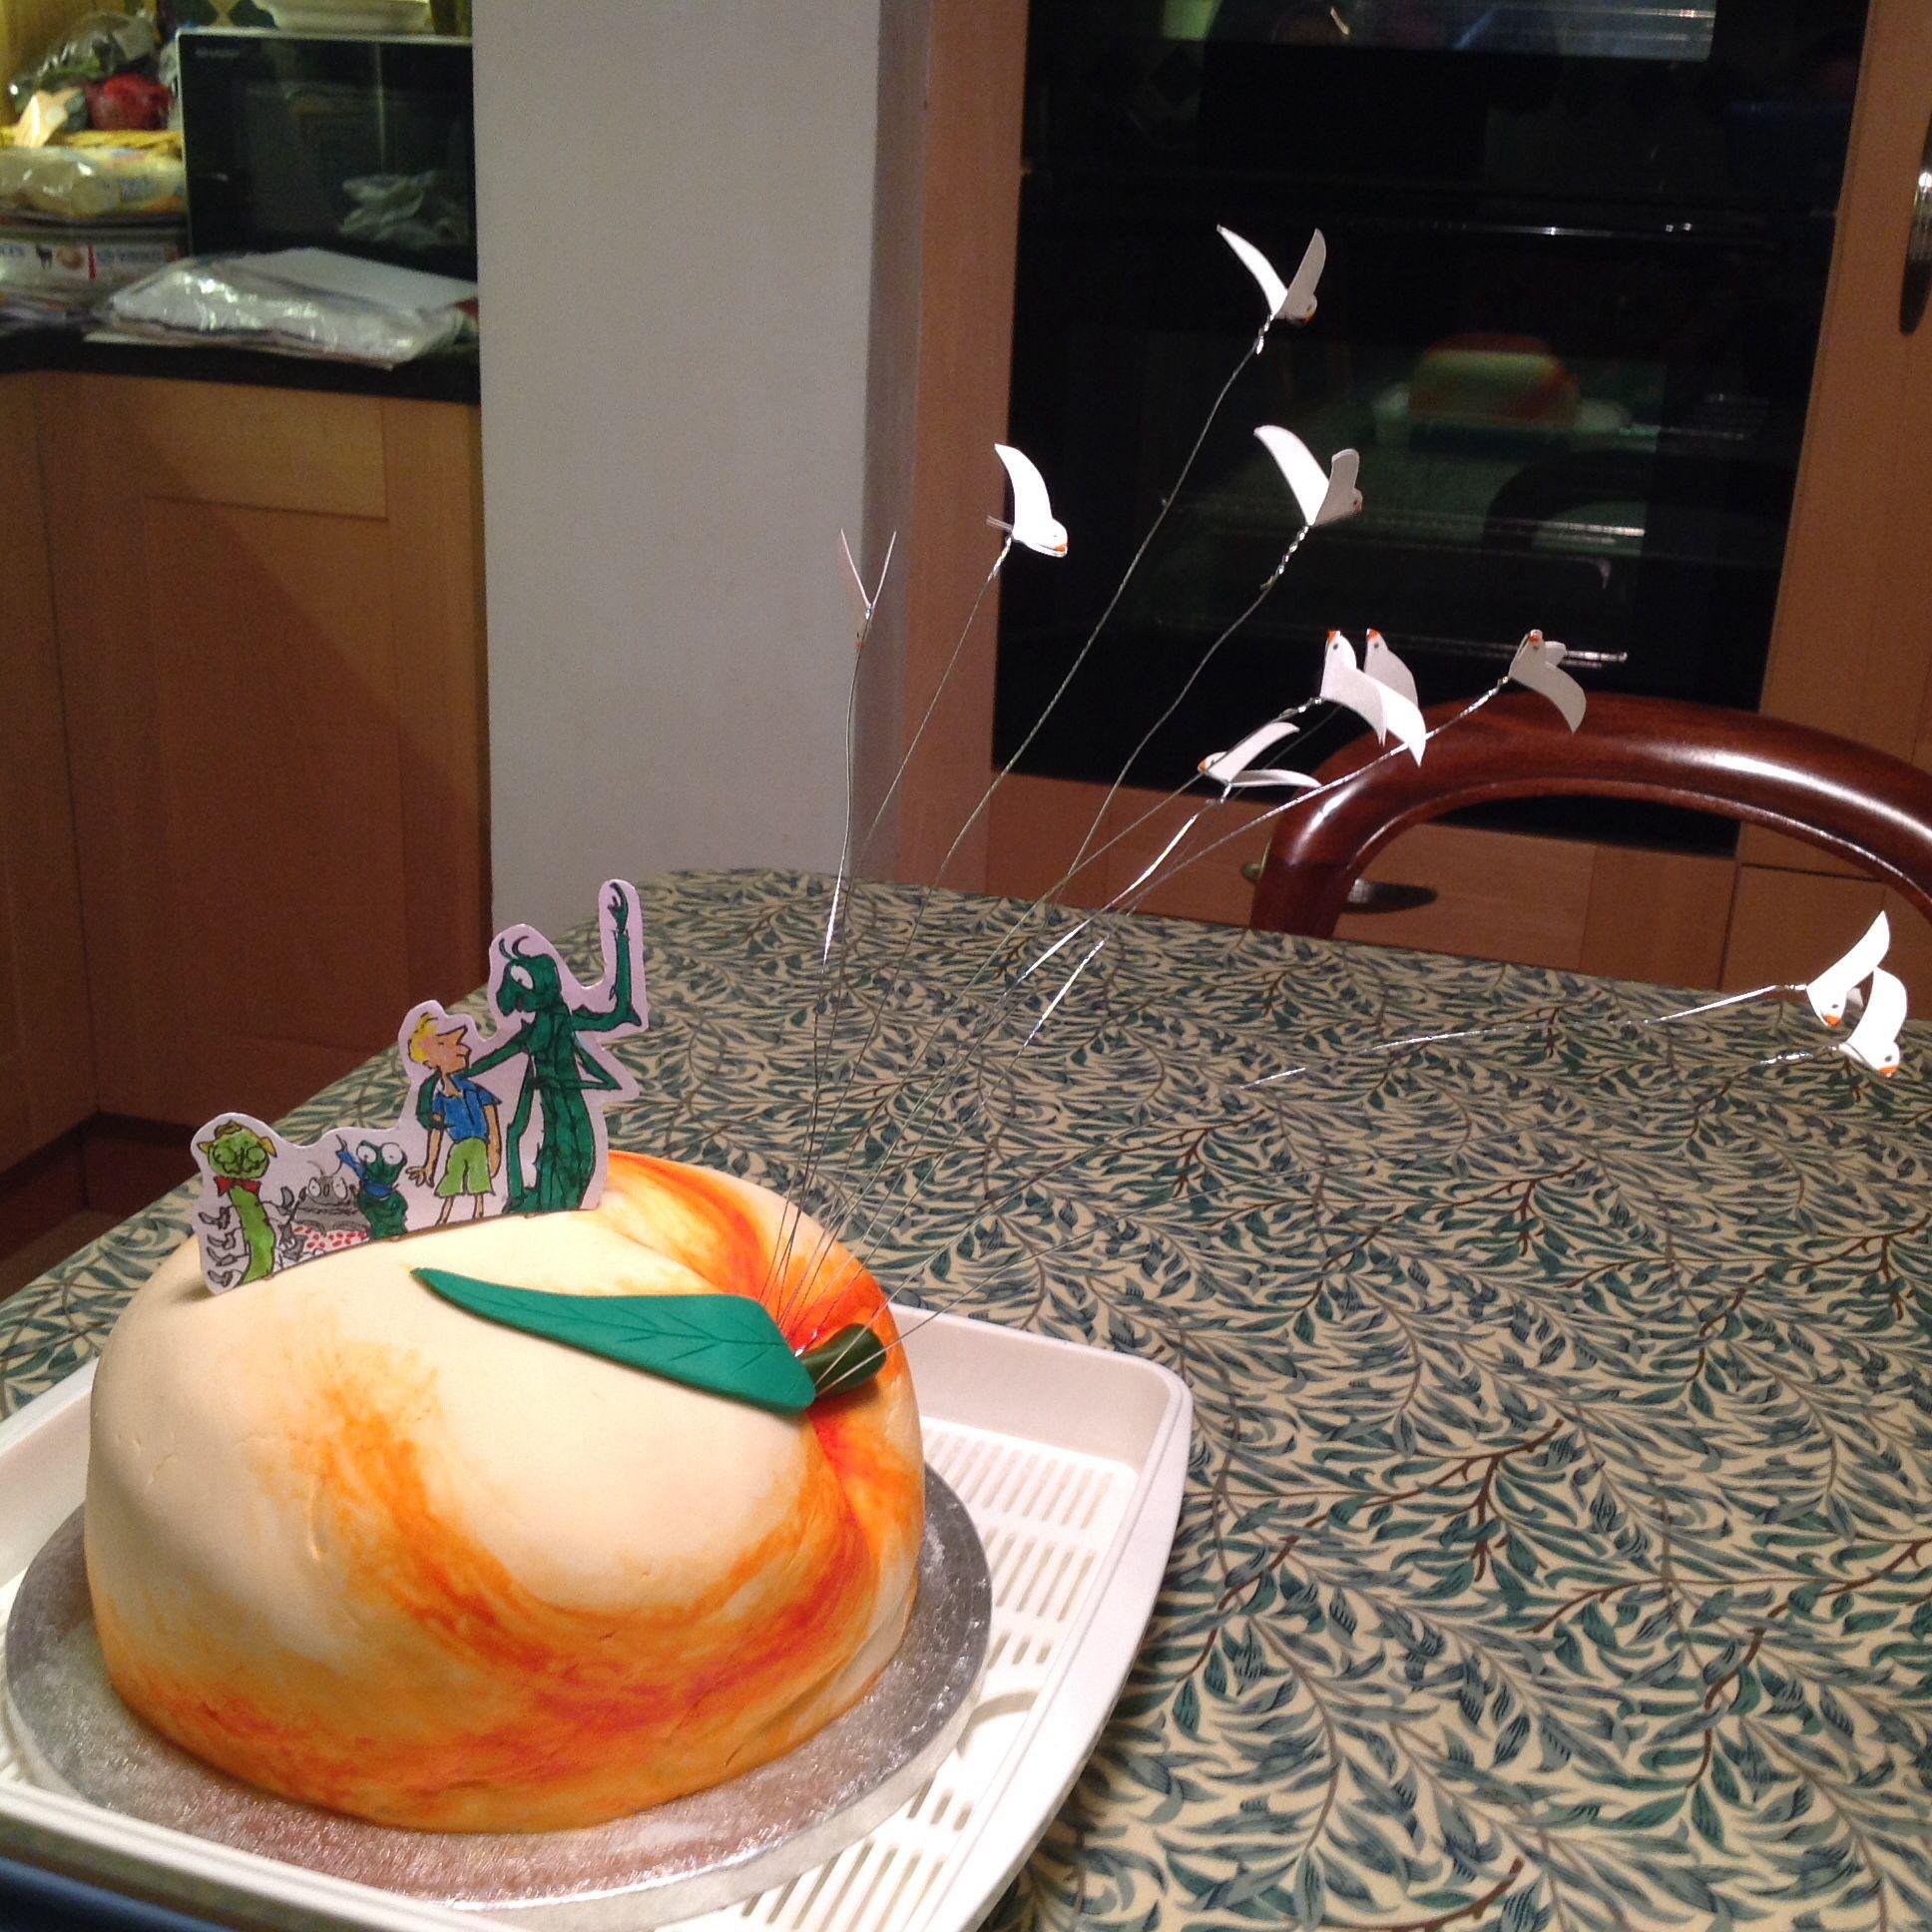 roald dahl piece of cake